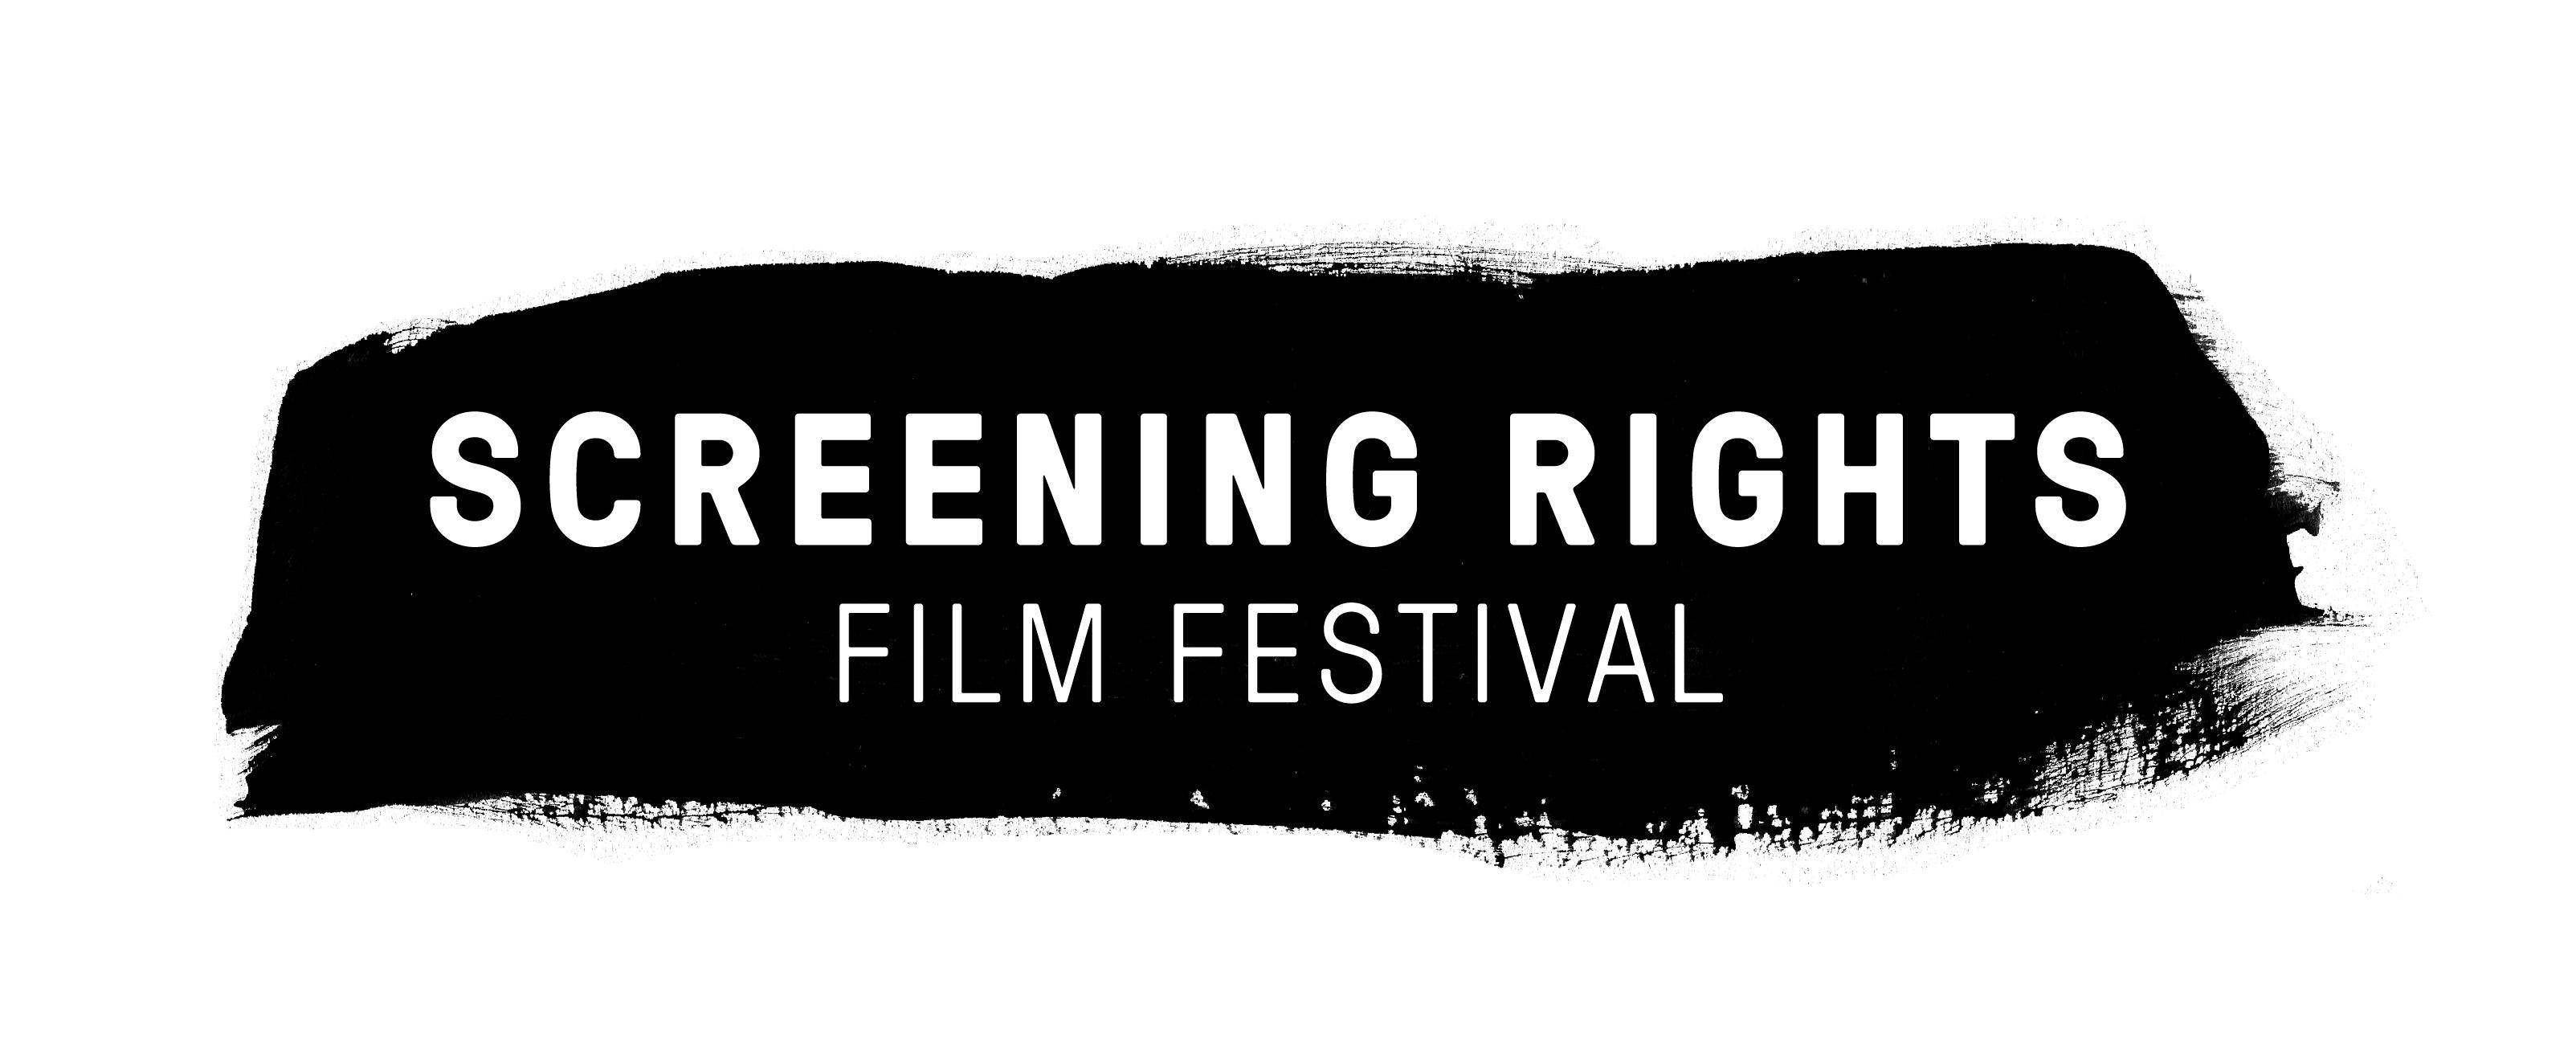 Screening Rights Film Festival - Logo